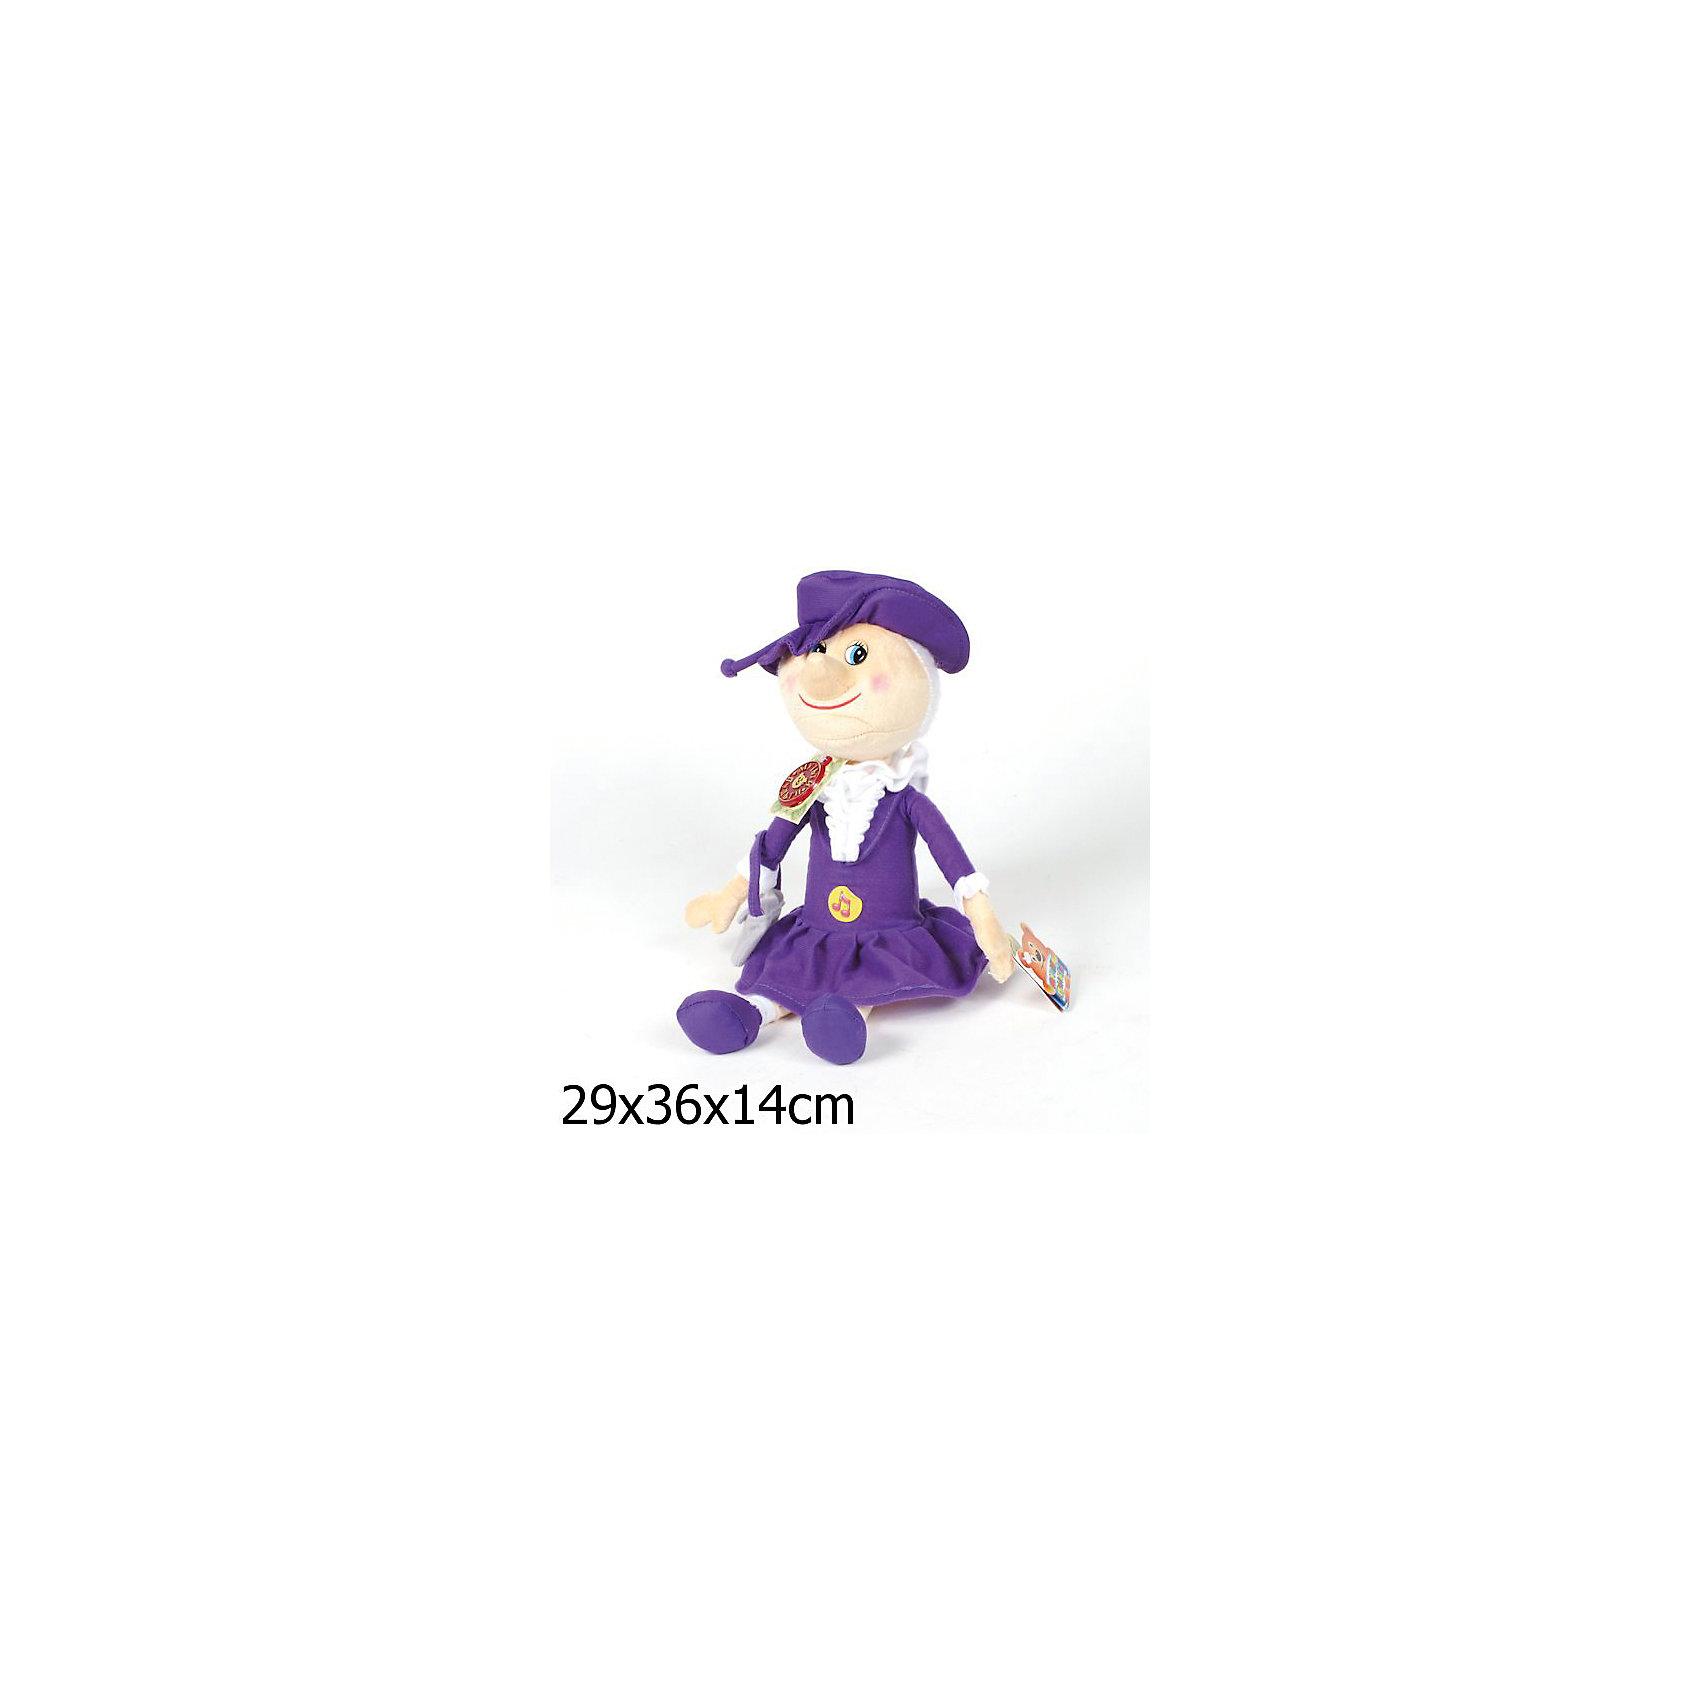 Мягкая игрушка  Шапокляк, 25 см, со звуокм, Чебурашка и Крокодил Гена, МУЛЬТИ-ПУЛЬТИМягкая игрушка Шапокляк со звуком от марки МУЛЬТИ-ПУЛЬТИ<br><br>Добрая мягкая игрушка от отечественного производителя сделана в виде известного персонажа из мультфильма. Она поможет ребенку проводить время весело и с пользой. В игрушке есть встроенный звуковой модуль, который  позволяет ей говорить несколько фраз и петь песню.<br>Размер игрушки универсален - 25 сантиметров, её удобно брать с собой в поездки и на прогулку. Сделана она из качественных и безопасных для ребенка материалов, которые еще и приятны на ощупь. <br><br>Отличительные особенности  игрушки:<br><br>- материал: текстиль, пластик;<br>- звуковой модуль;<br>- язык: русский;<br>- работает на батарейках;<br>- высота: 25 см.<br><br>Мягкую игрушку Шапокляк от марки МУЛЬТИ-ПУЛЬТИ можно купить в нашем магазине.<br><br>Ширина мм: 380<br>Глубина мм: 500<br>Высота мм: 390<br>Вес г: 270<br>Возраст от месяцев: 36<br>Возраст до месяцев: 84<br>Пол: Унисекс<br>Возраст: Детский<br>SKU: 4659479